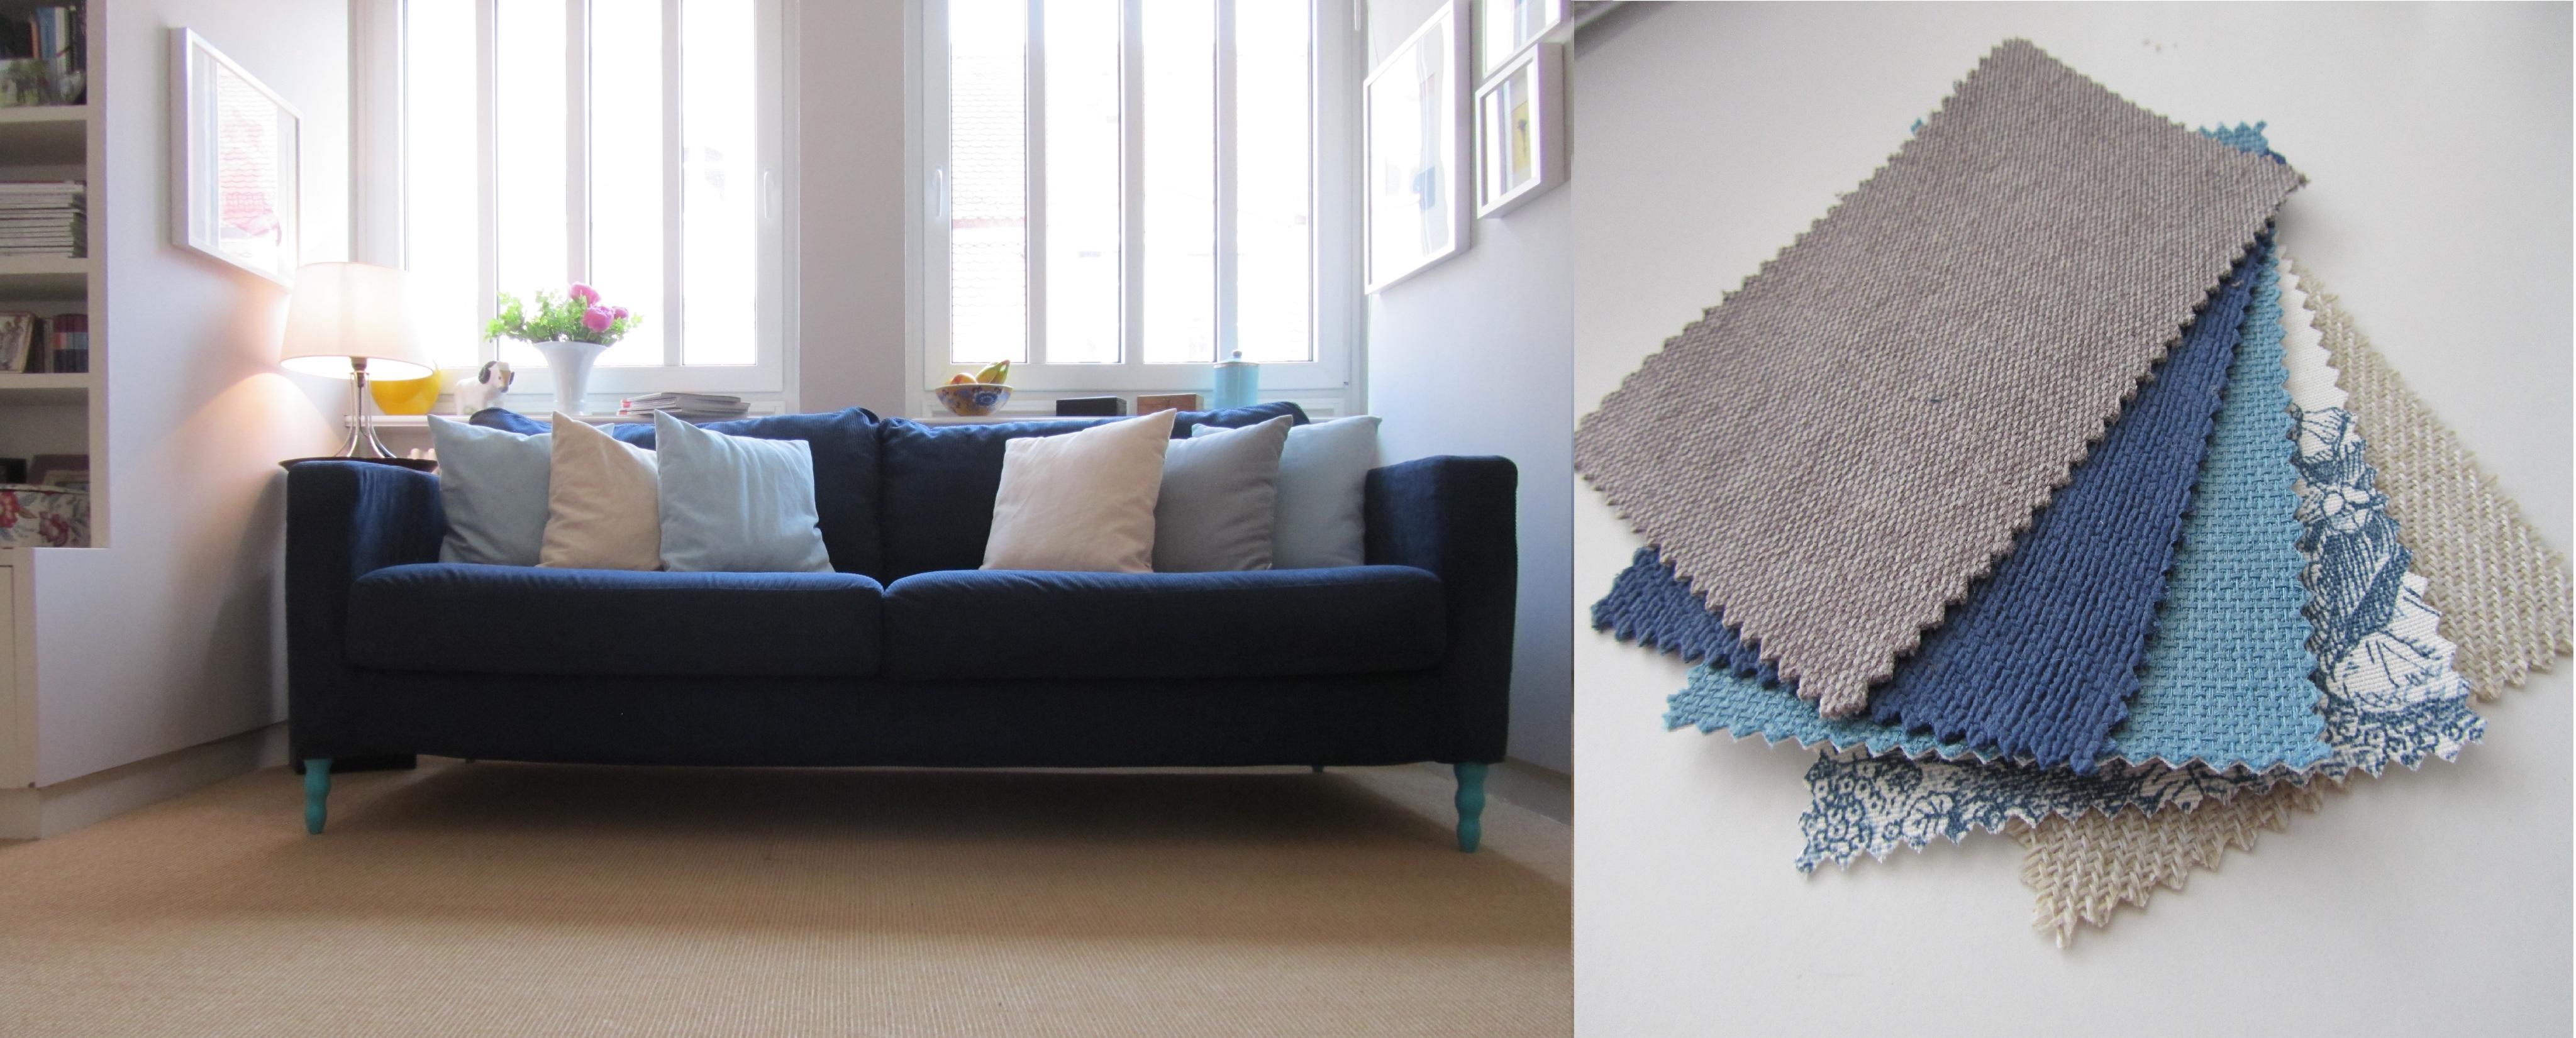 das wohnzimmer mit den blaut nen sessel kissen vo. Black Bedroom Furniture Sets. Home Design Ideas